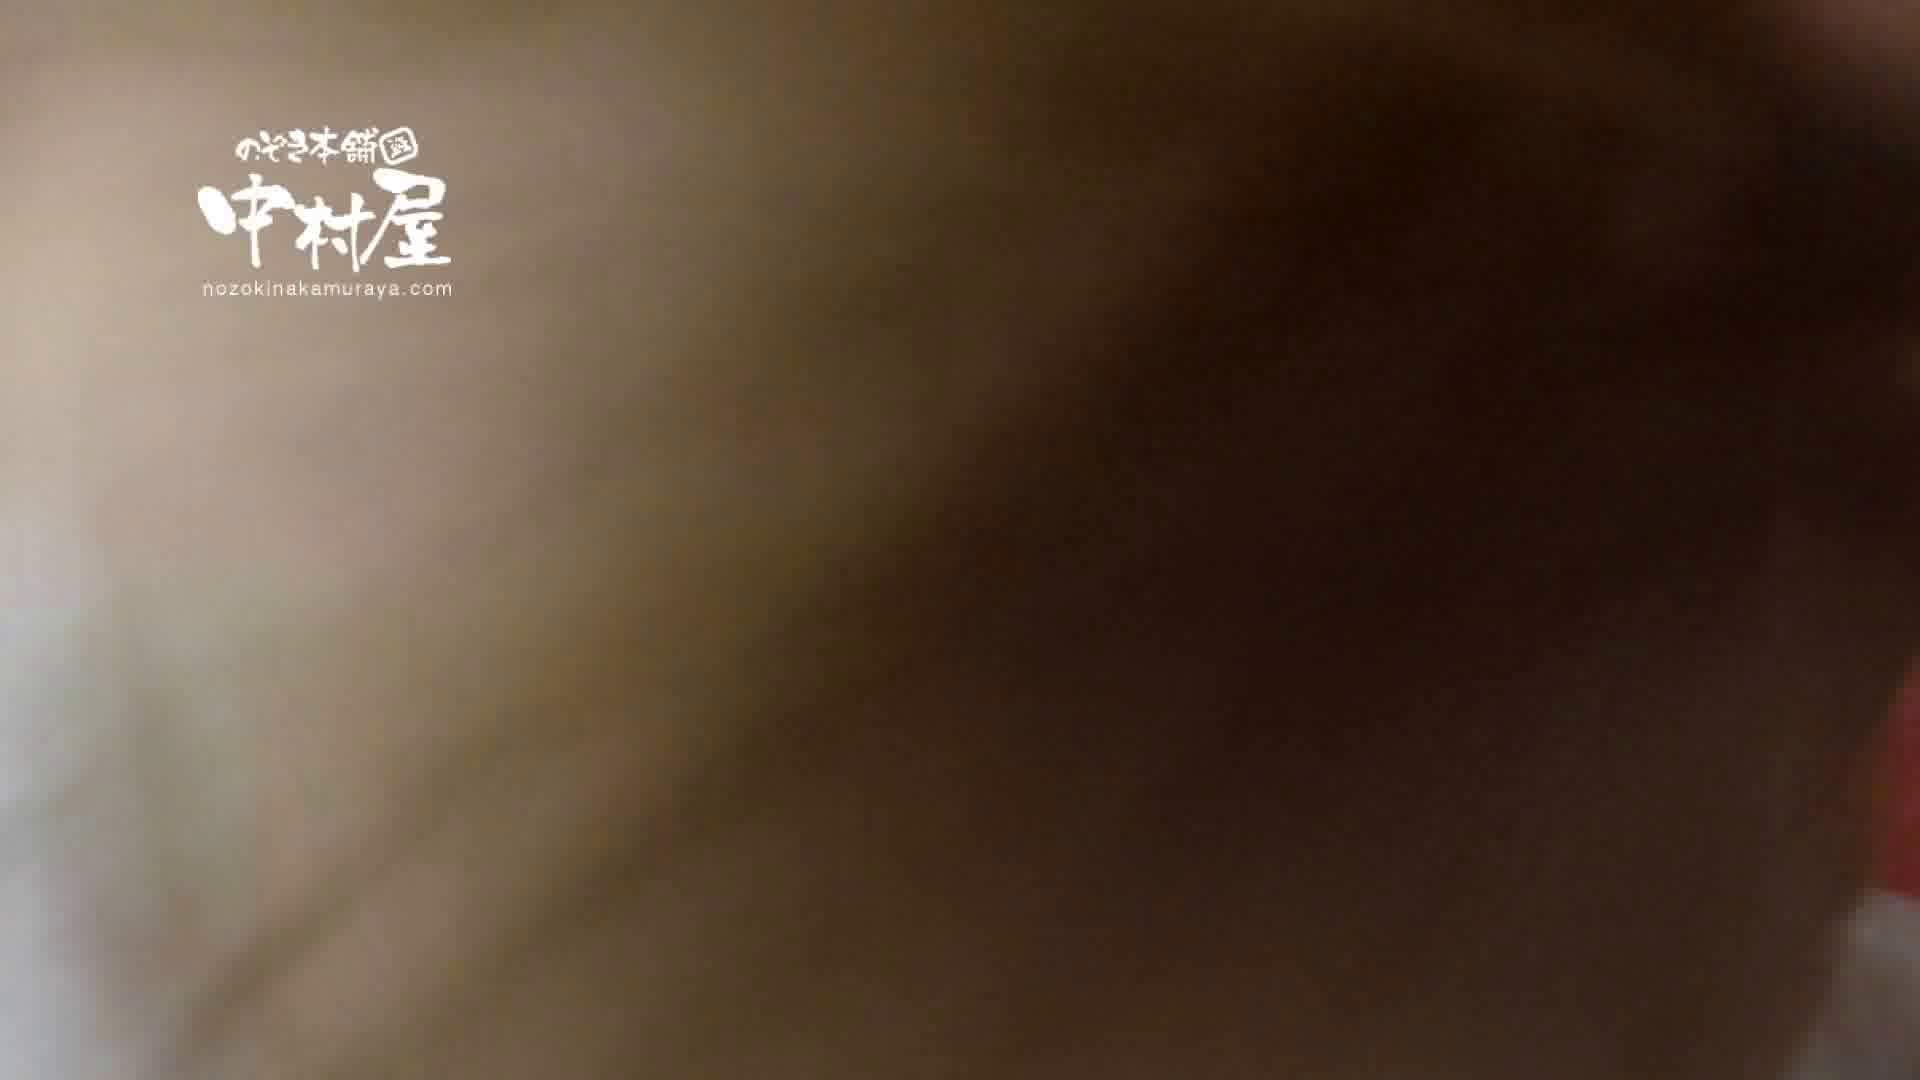 鬼畜 vol.07 パイパンだと?!中出ししてやる! 前編 中出し おめこ無修正画像 102PIX 38